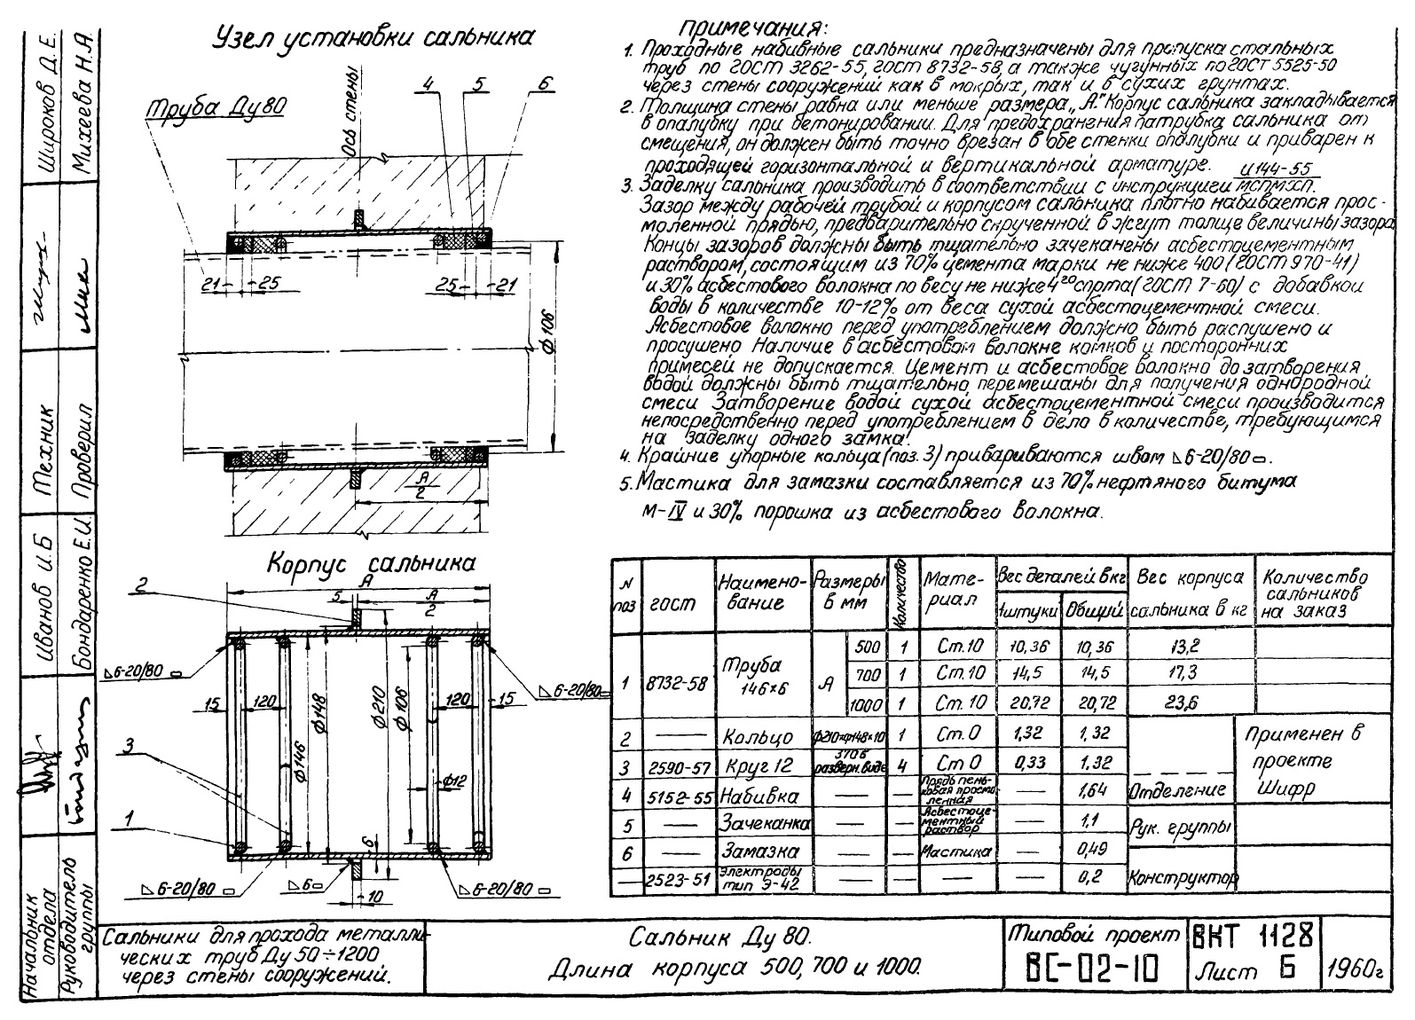 Сальники набивные L = 1000 мм типовой проект ВС-02-10 стр.2